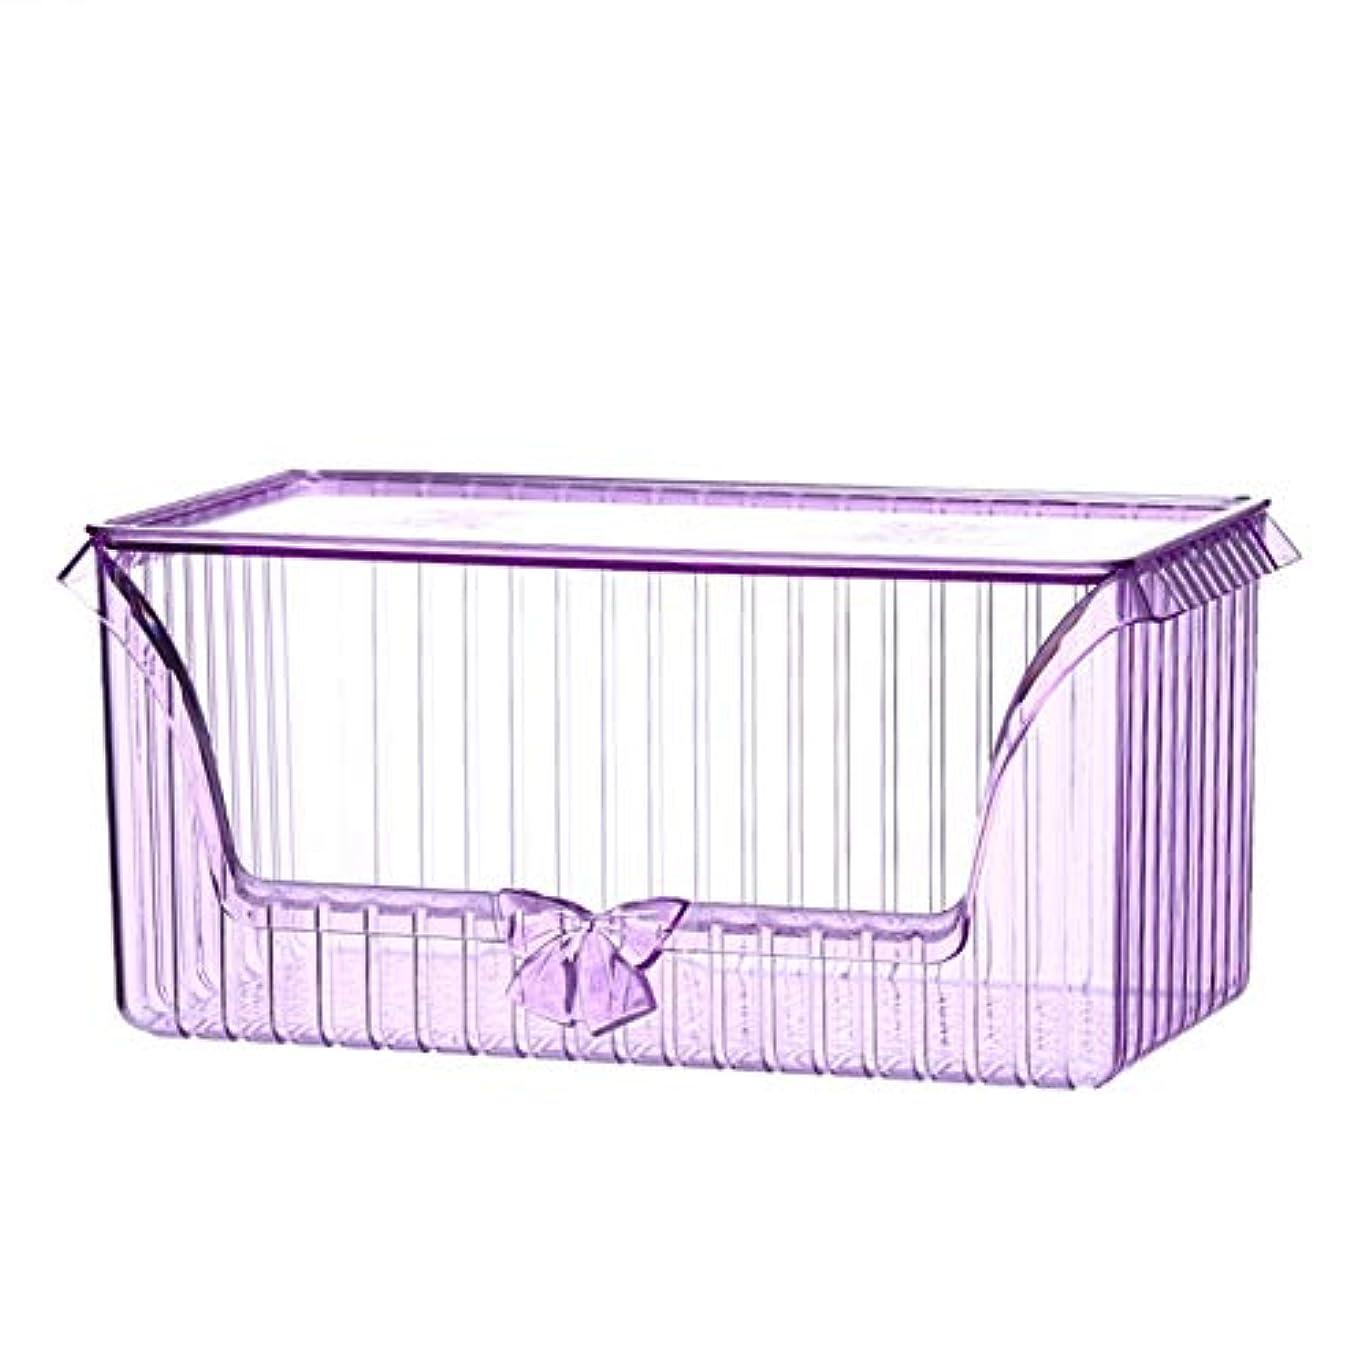 告白する昆虫を見るモルヒネ整理簡単 ヴィンテージ化粧品オーガナイザー化粧ディスプレイ収納スタンドホルダージュエリー香水口紅ディバイダーコンテナ引き出し付き大容量ドレッサー寝室の浴室 (色 : 紫の)